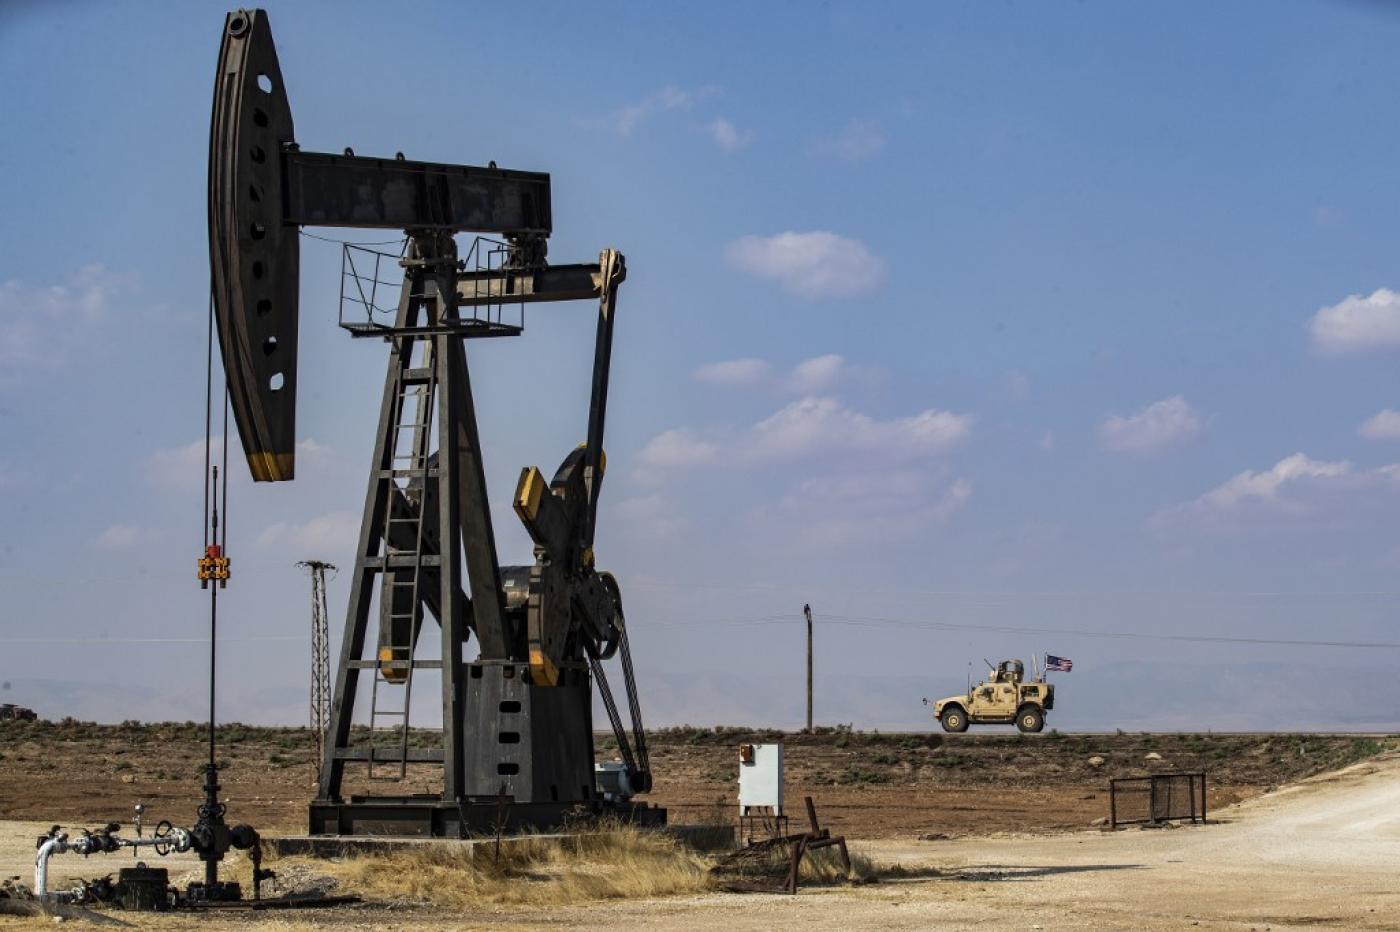 La Turquie critique les États-Unis pour un accord pétrolier avec YPG en Syrie